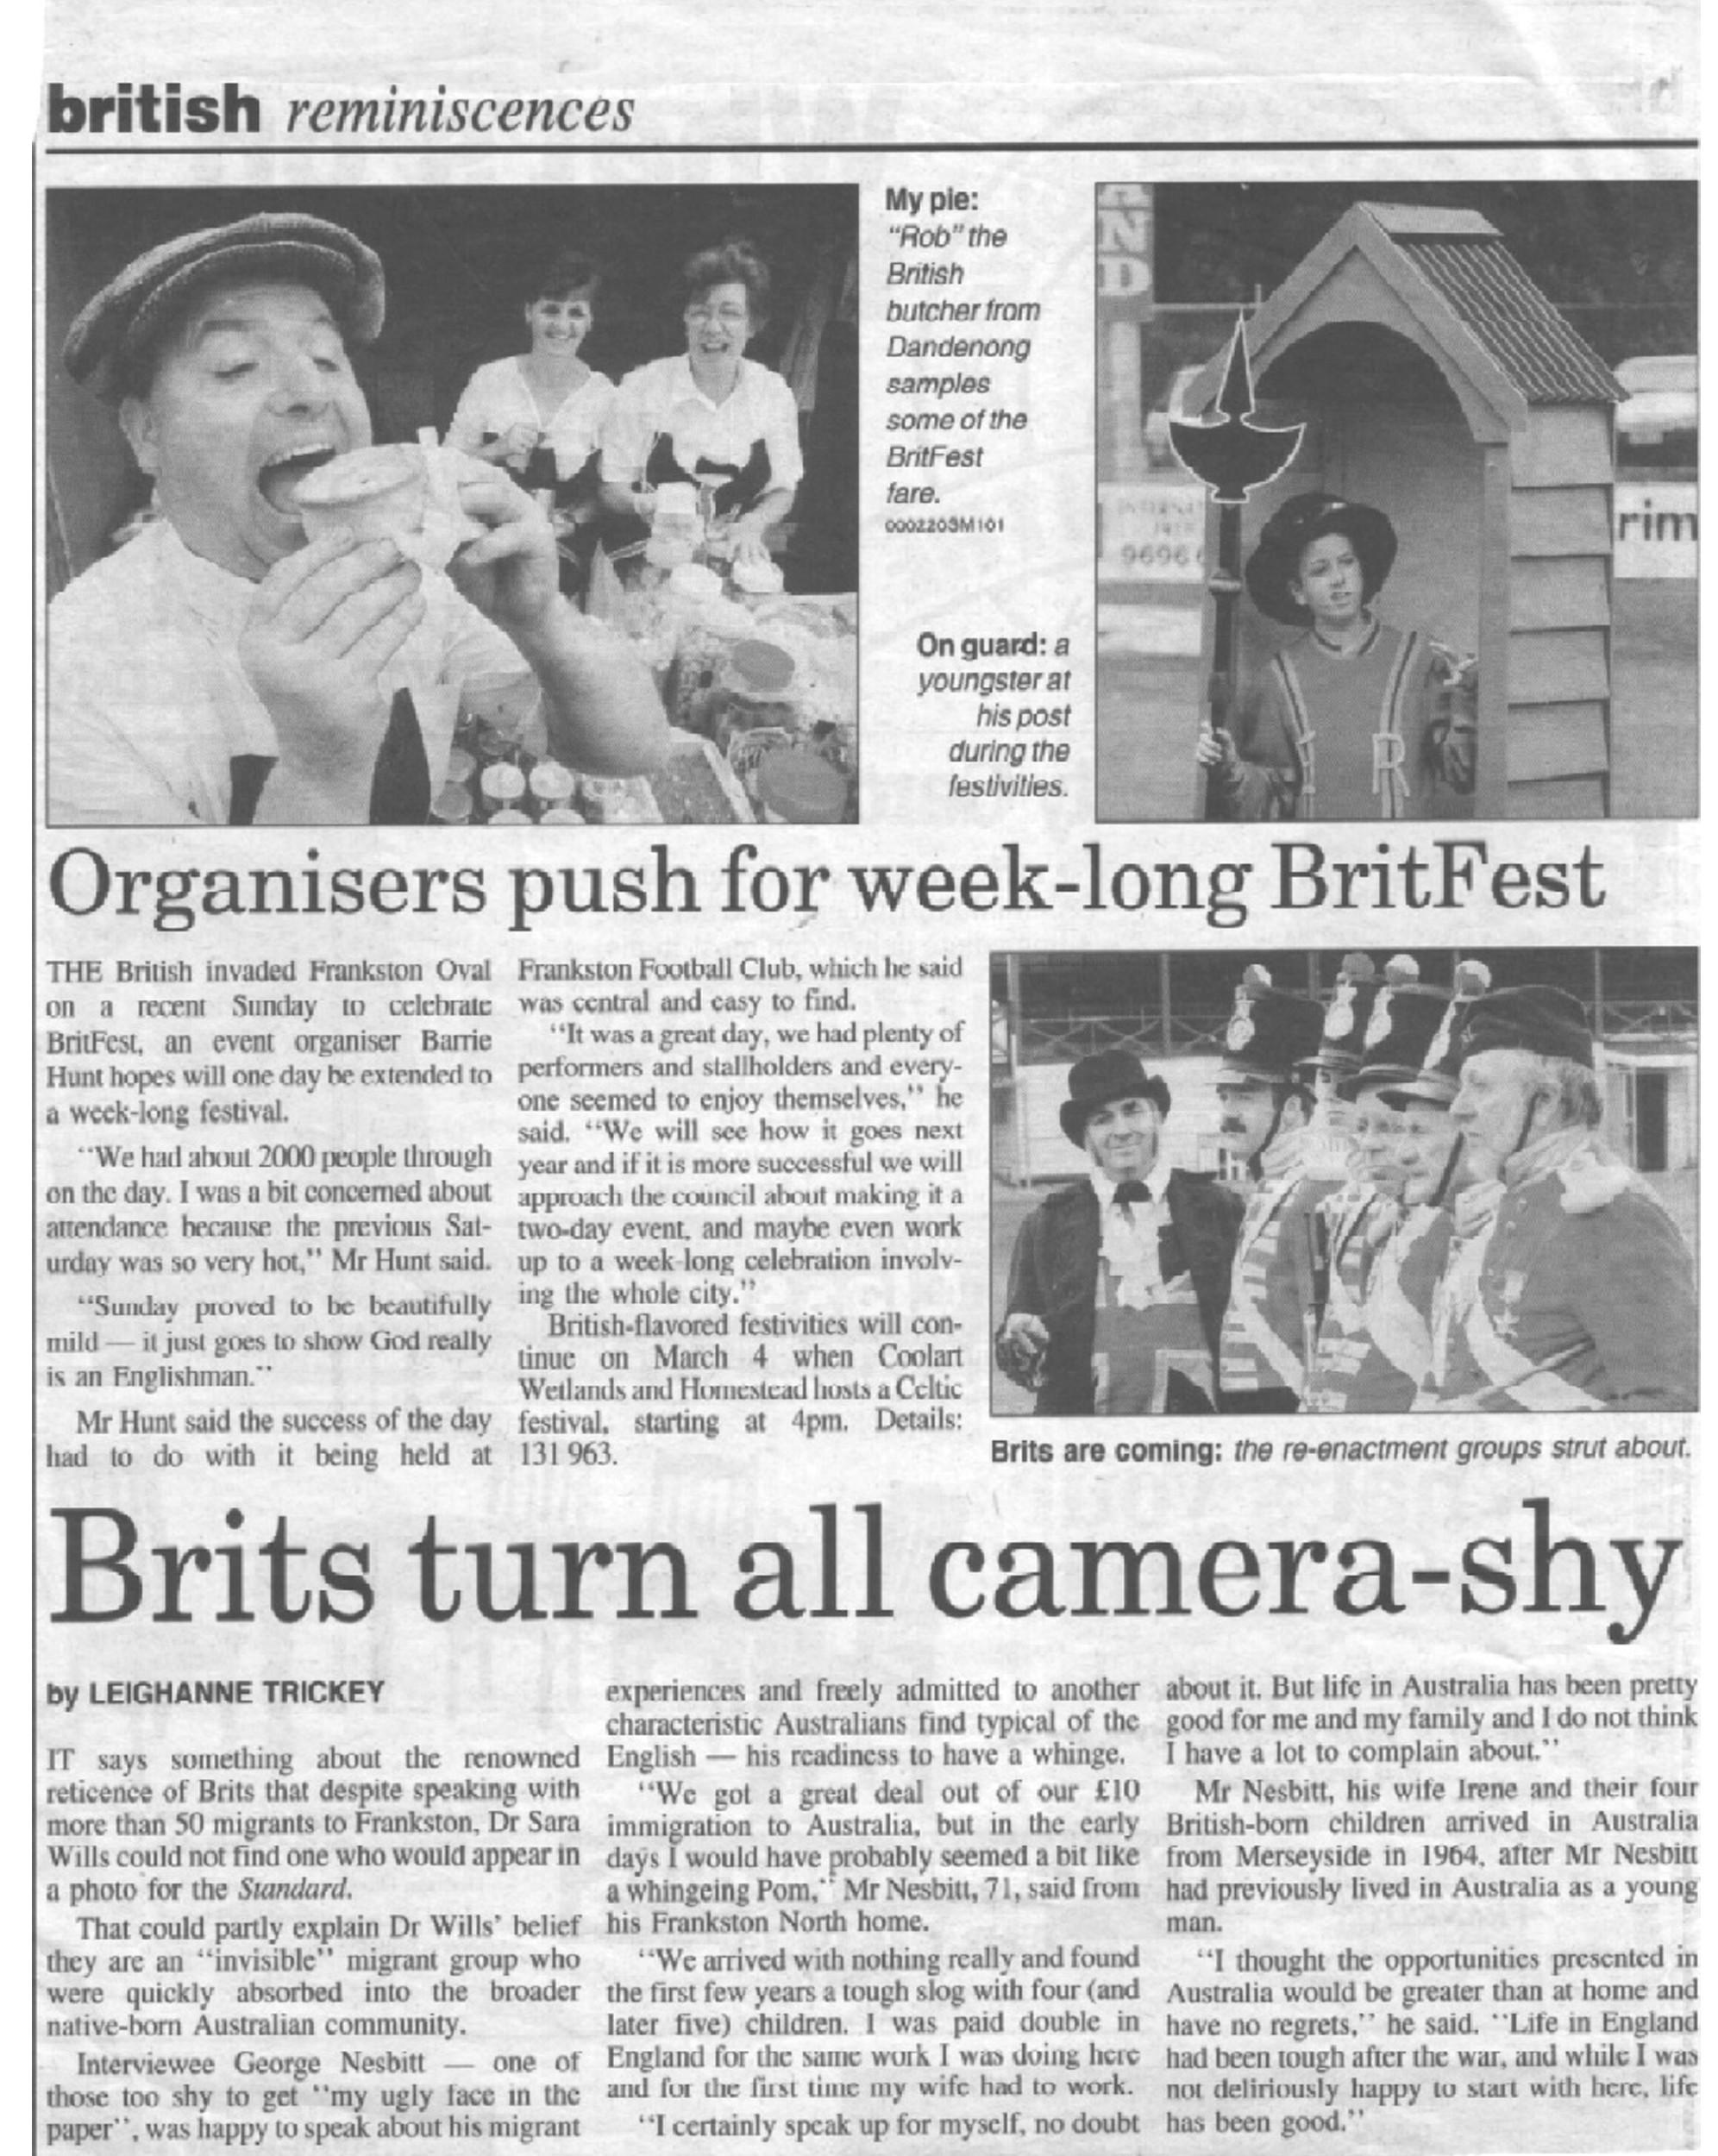 Britfest newspaper